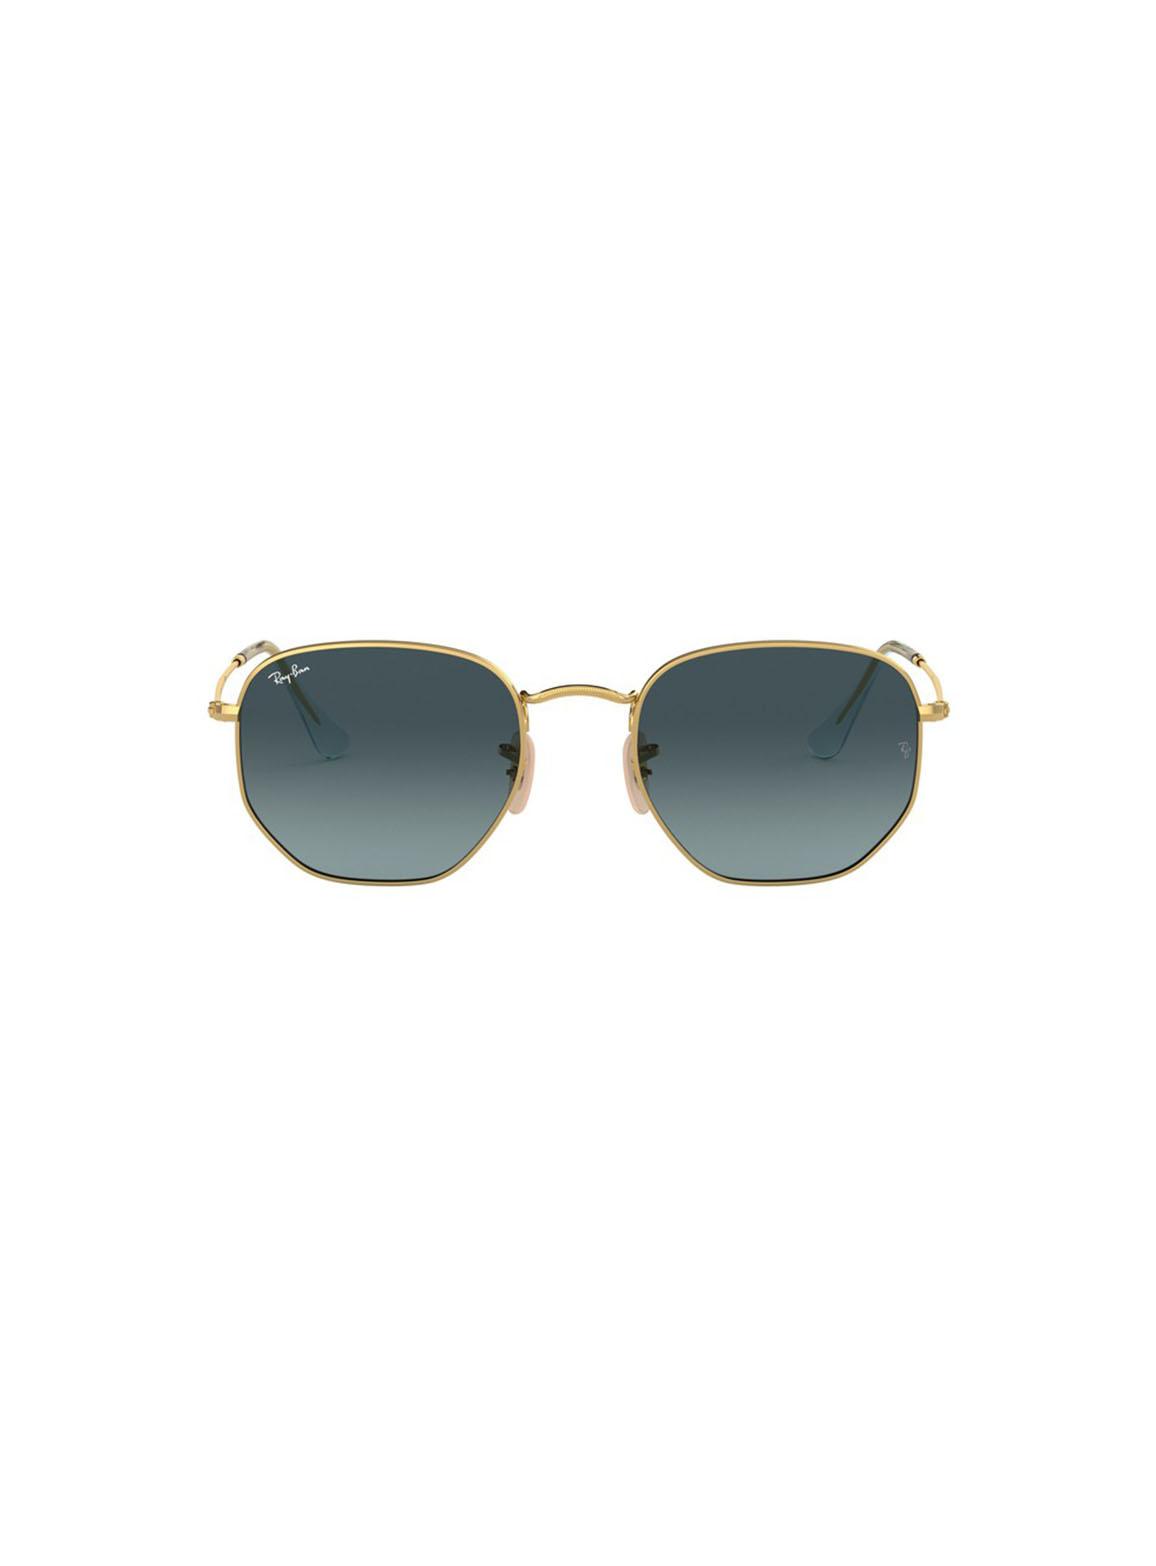 RB3548N Irregular Sunglasses